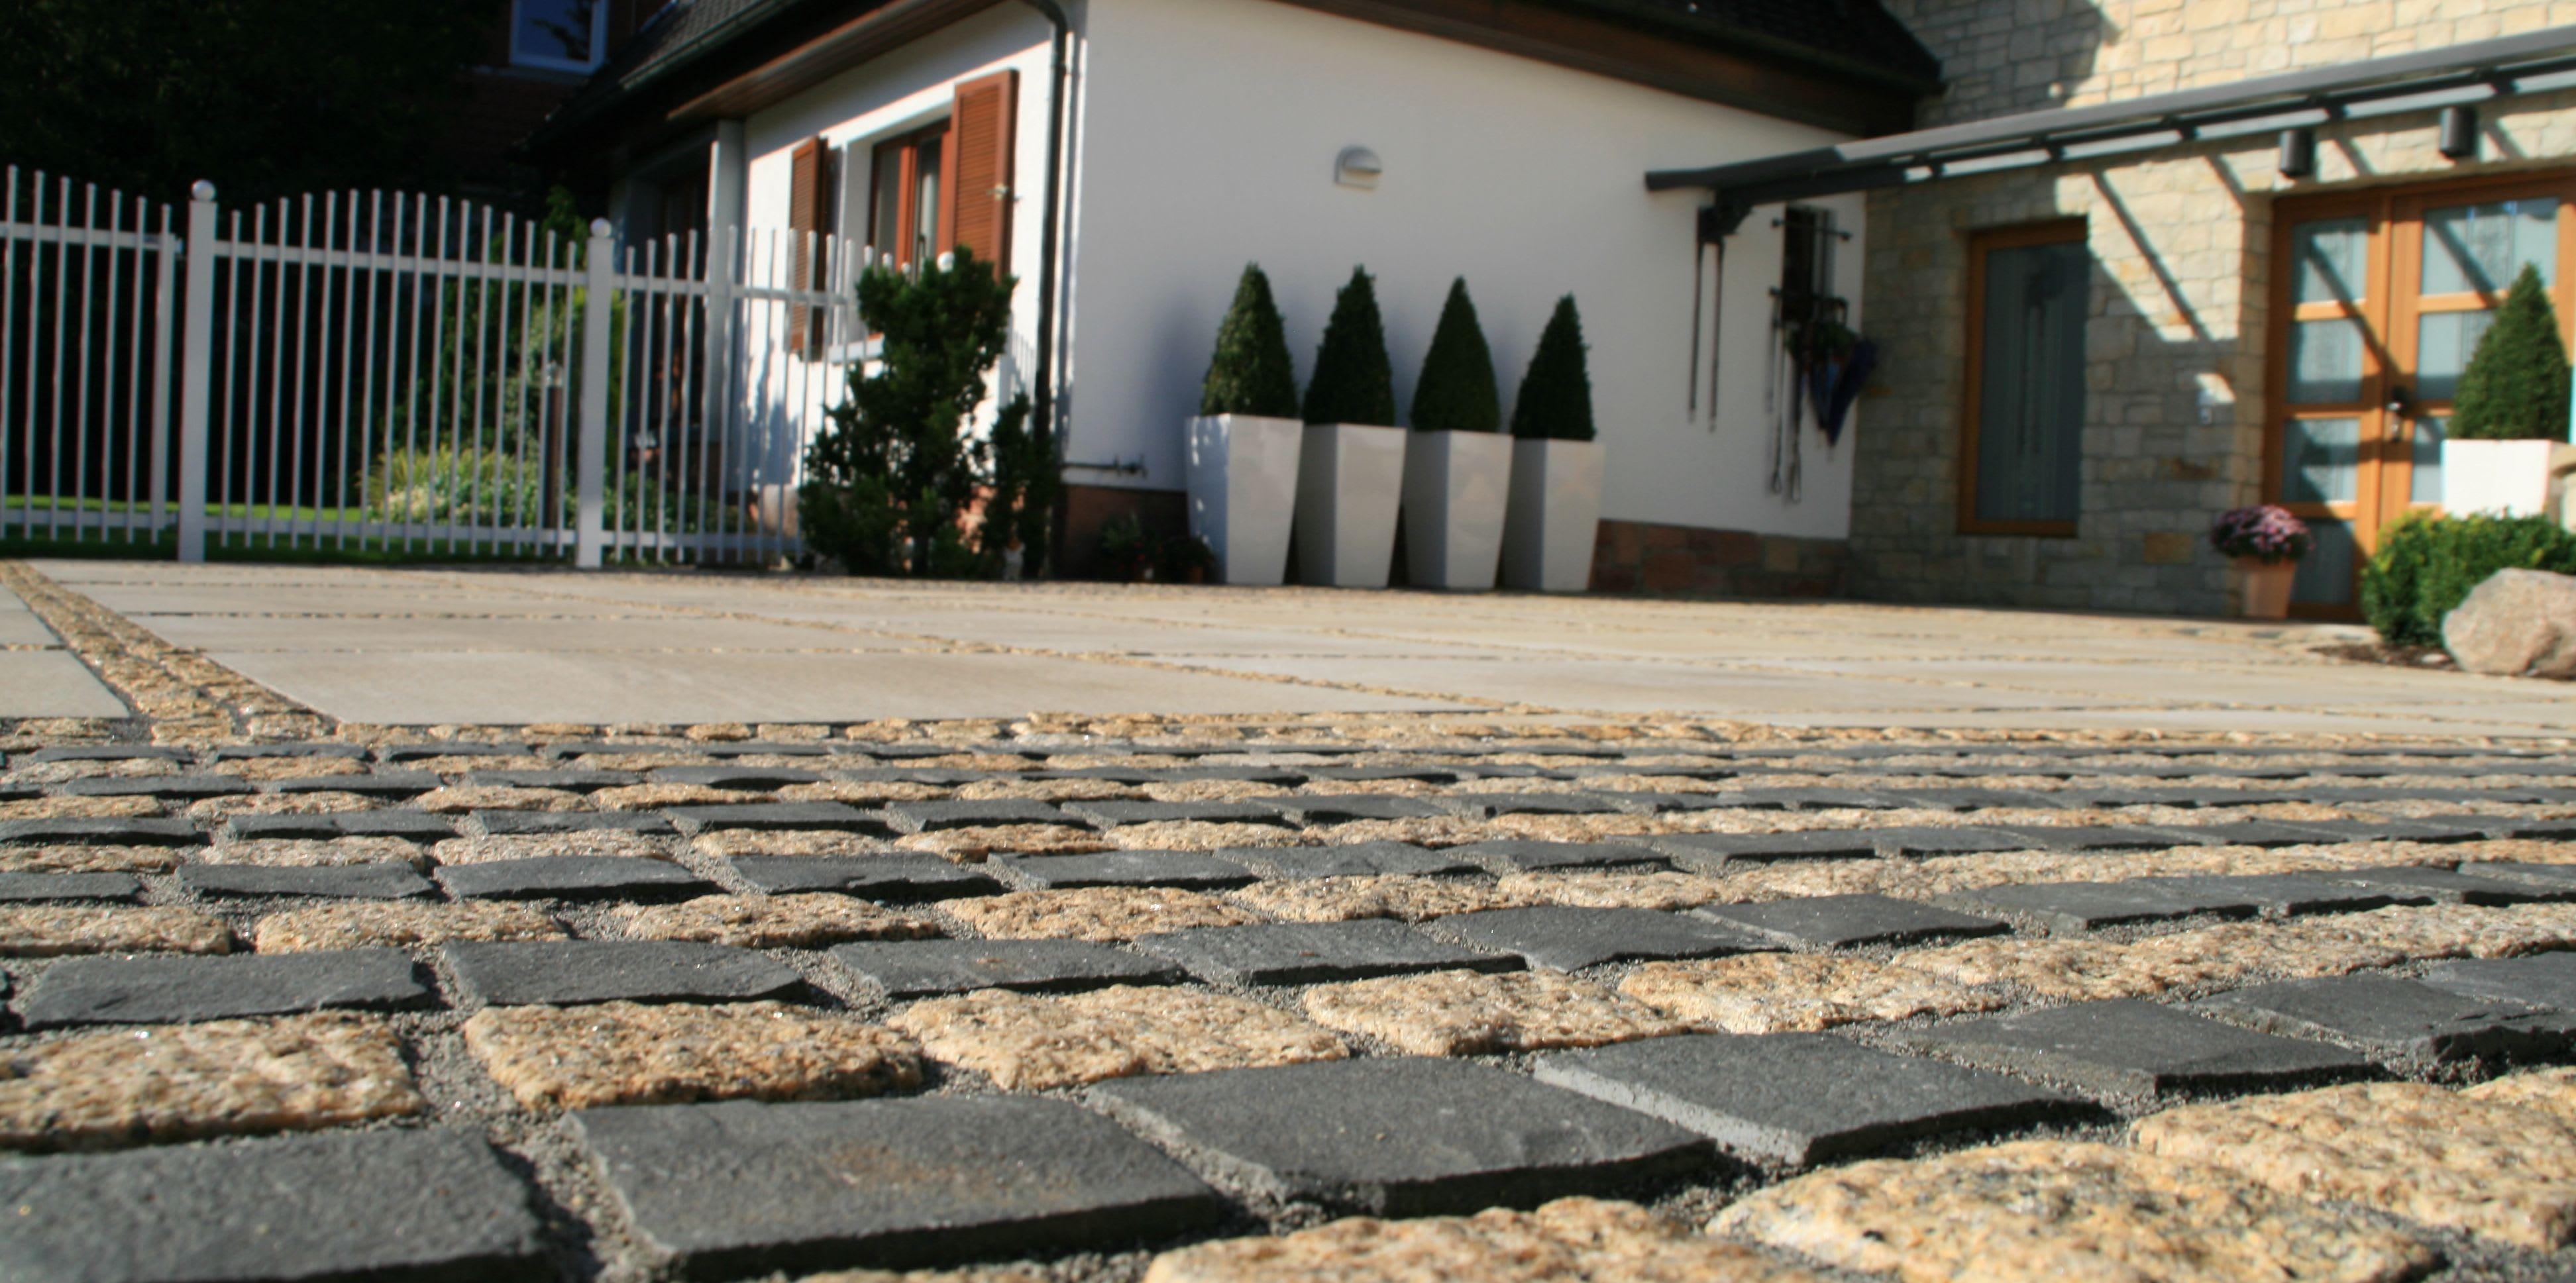 Umbriano Platten 1m x 1m mit Naturstein